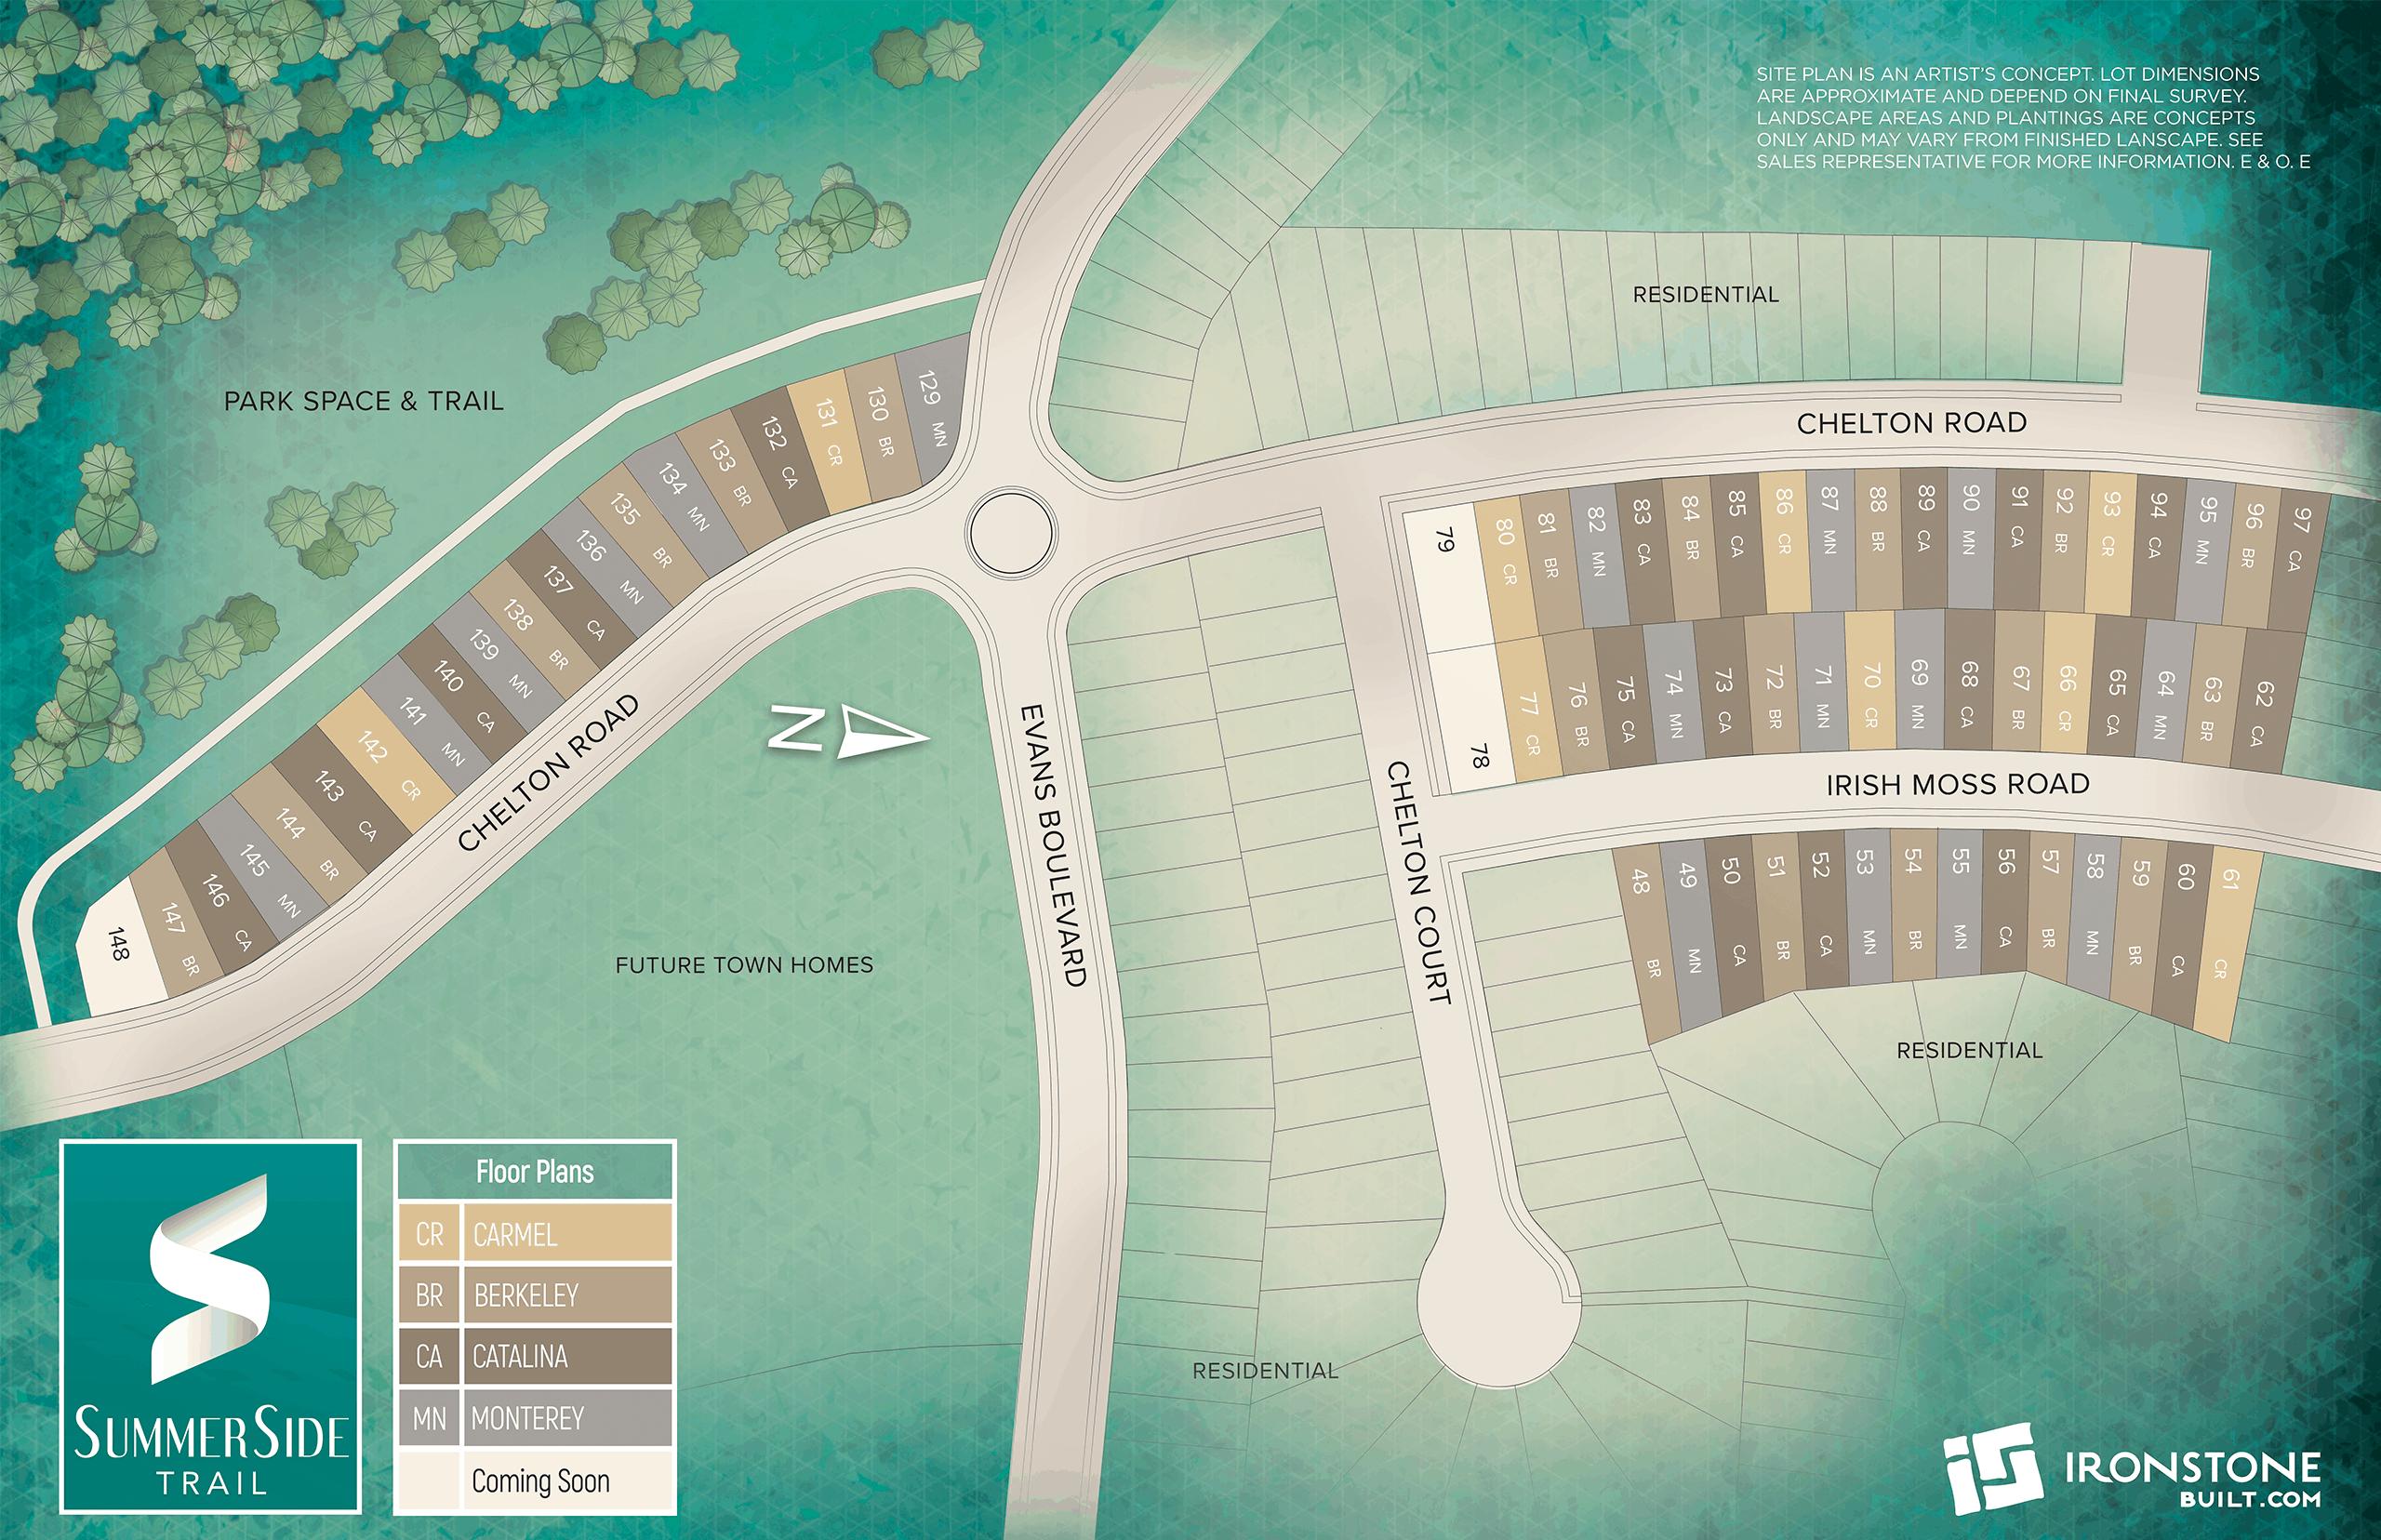 Summerside-Trail-Site-Plan